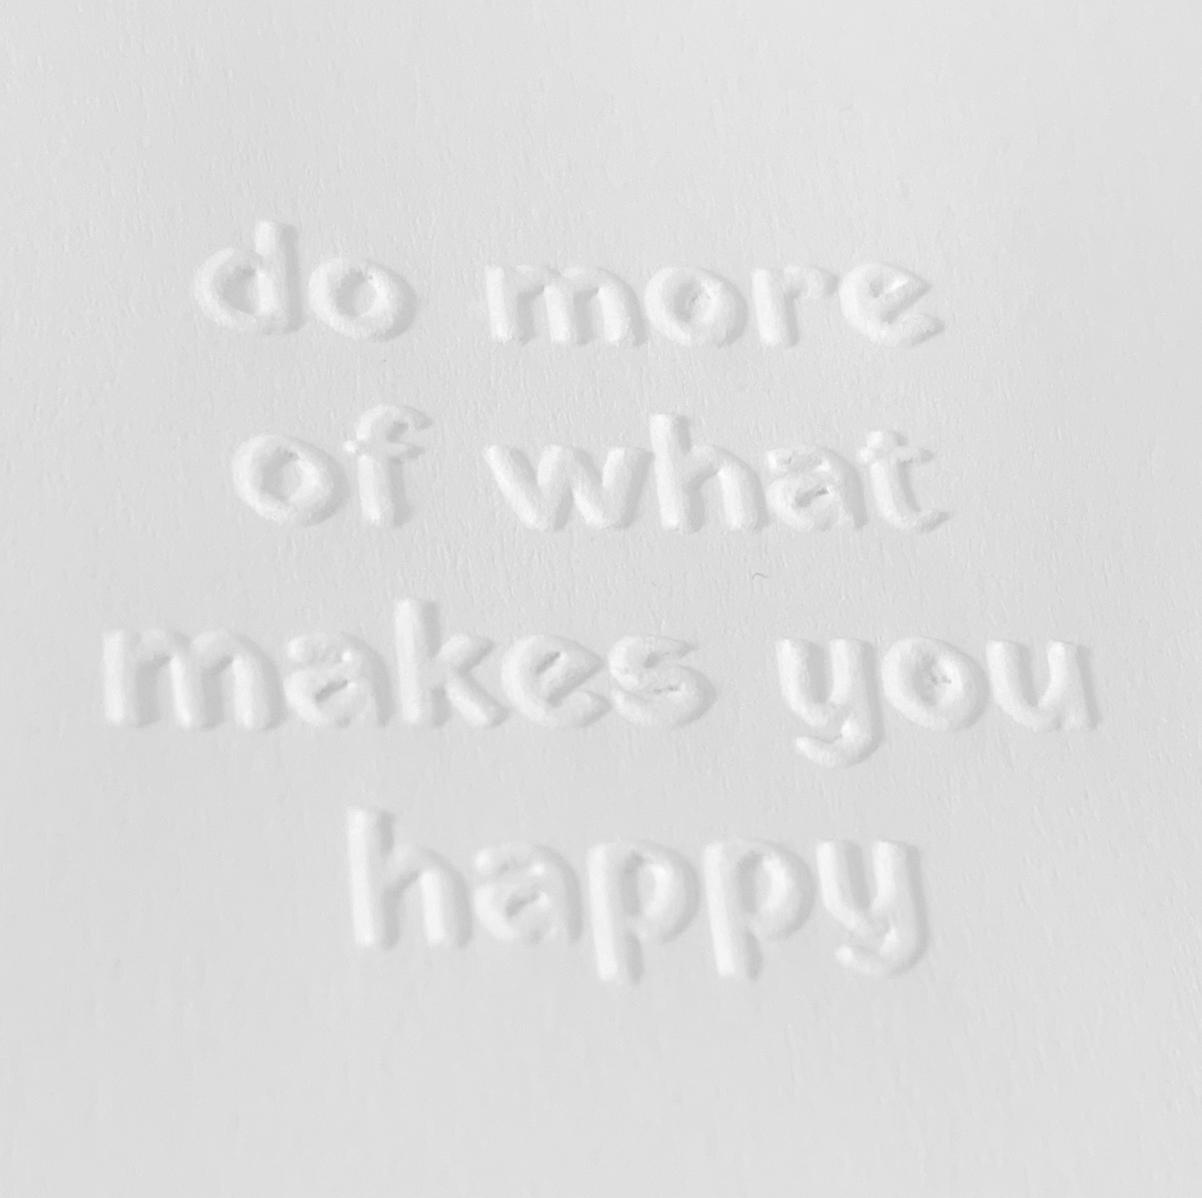 happy_new